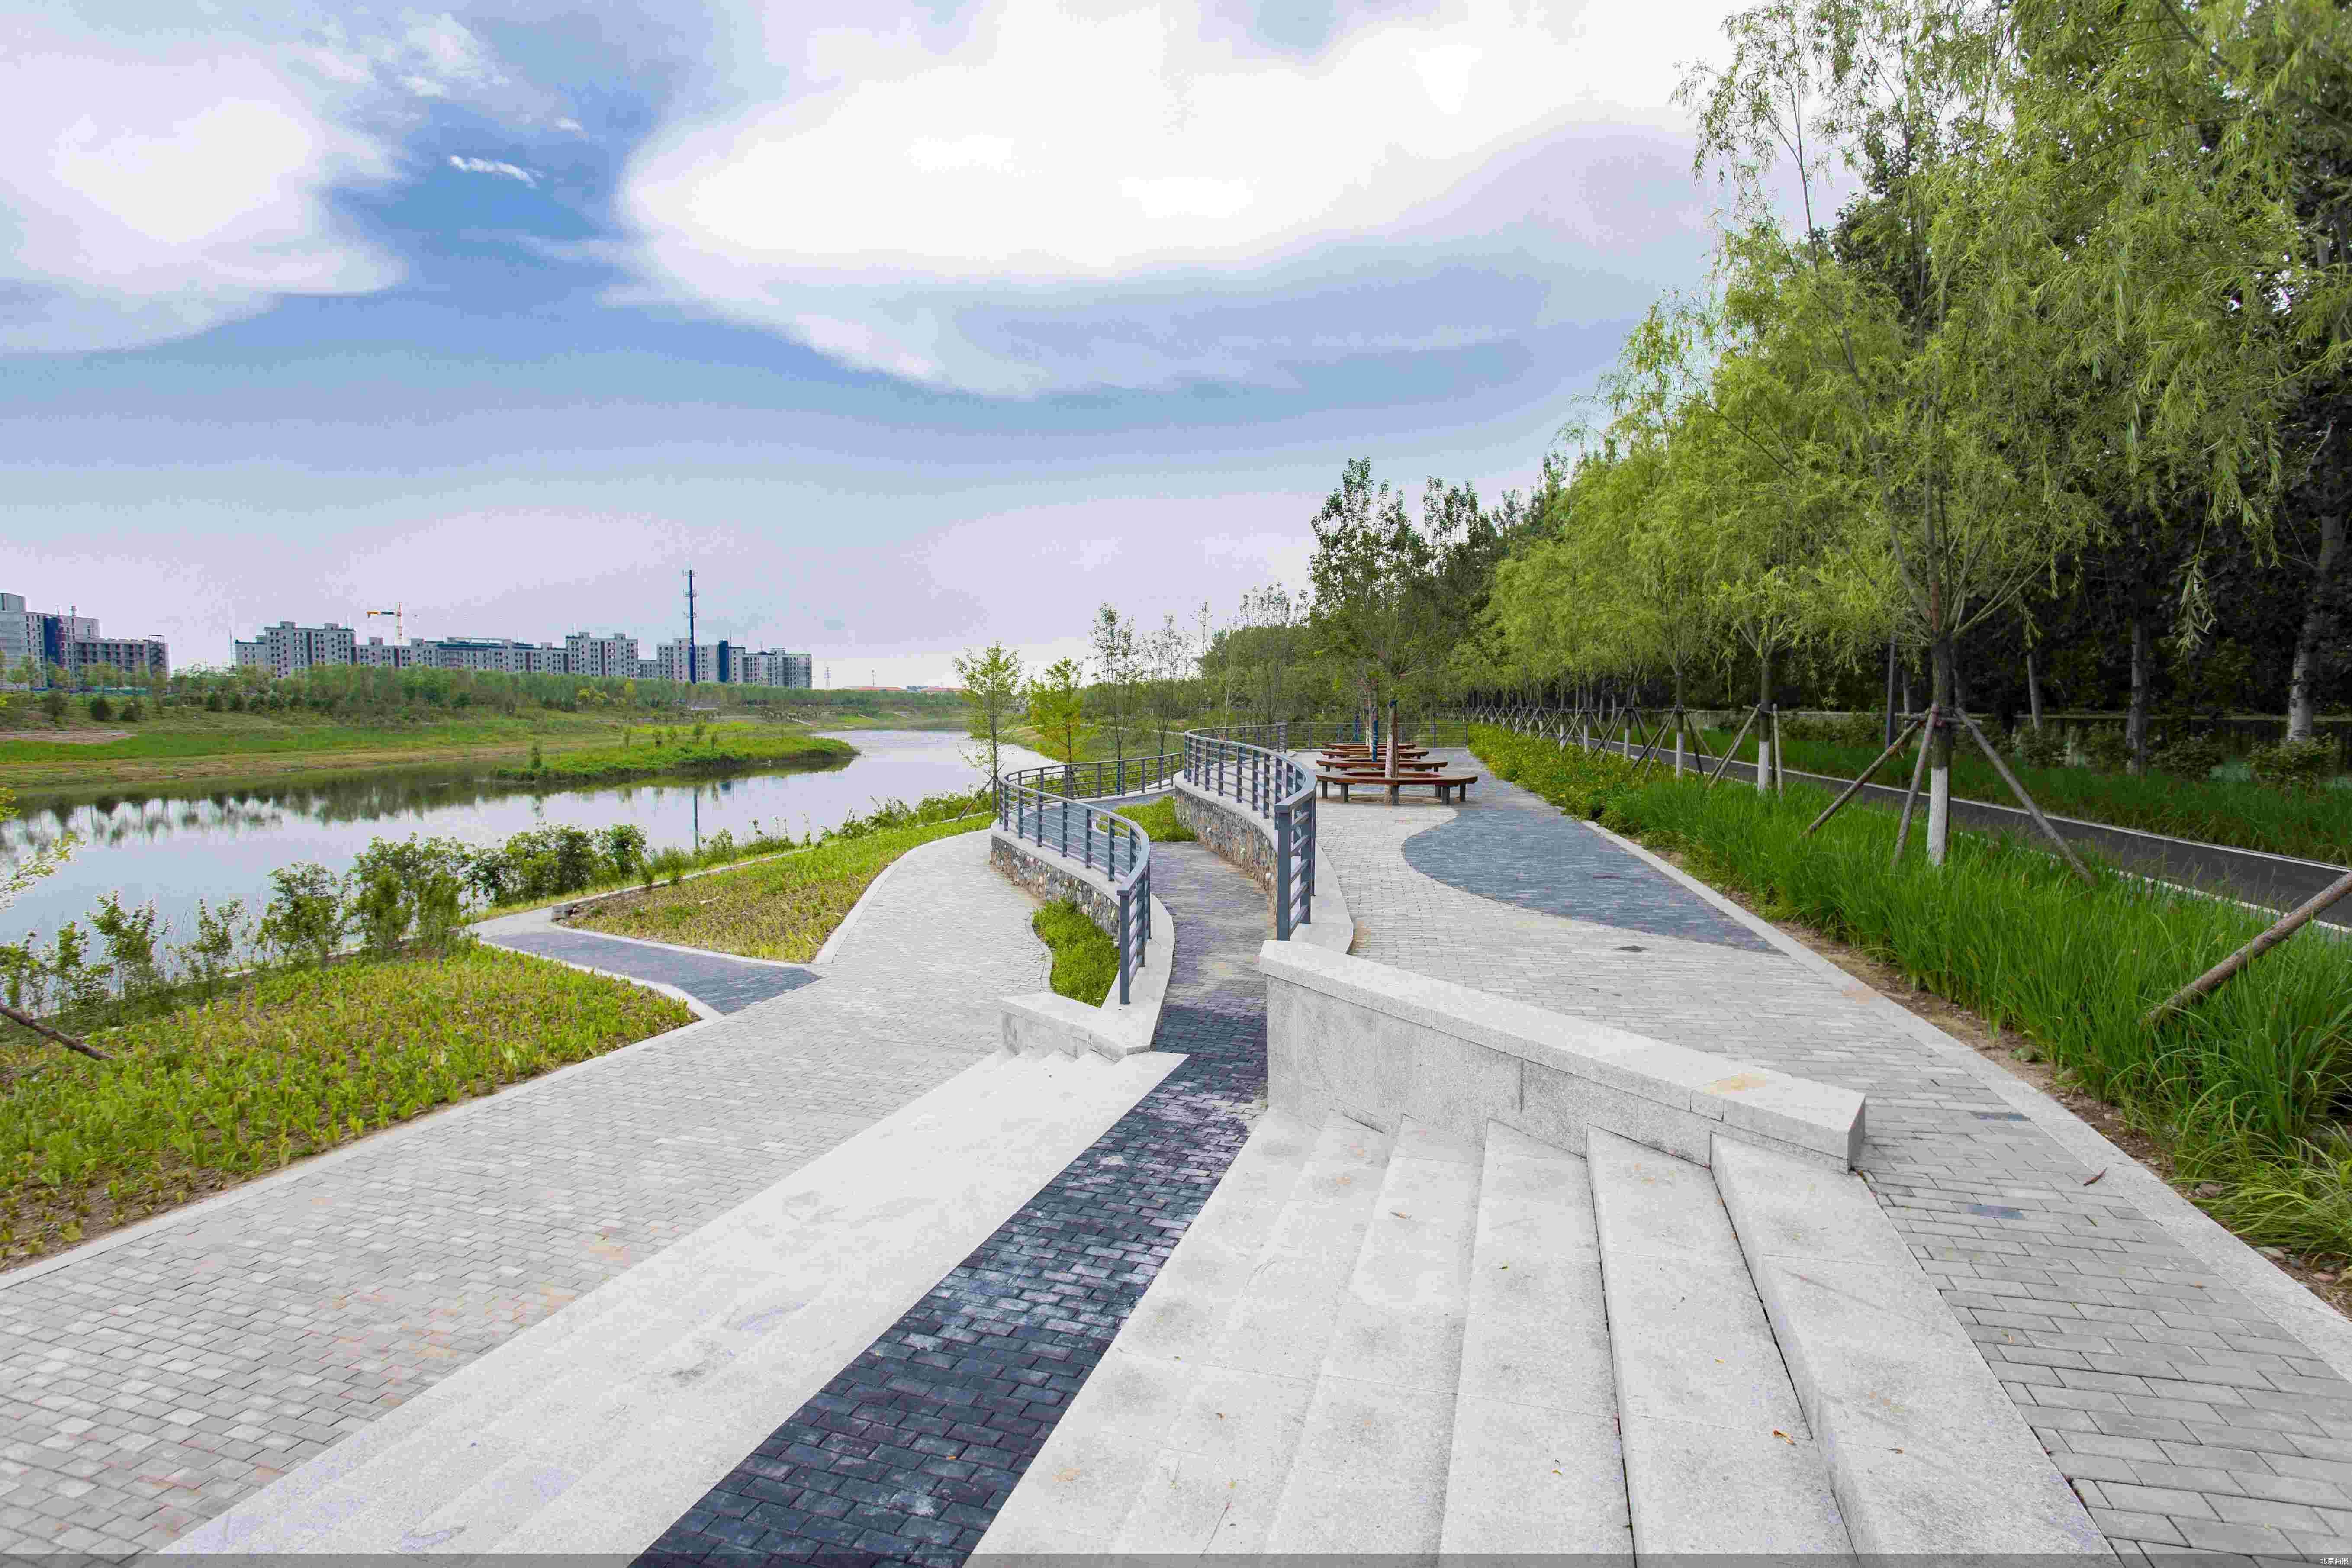 2个主题公园7个体育场10公里健身步道……雁栖河城市生态廊道等你打卡